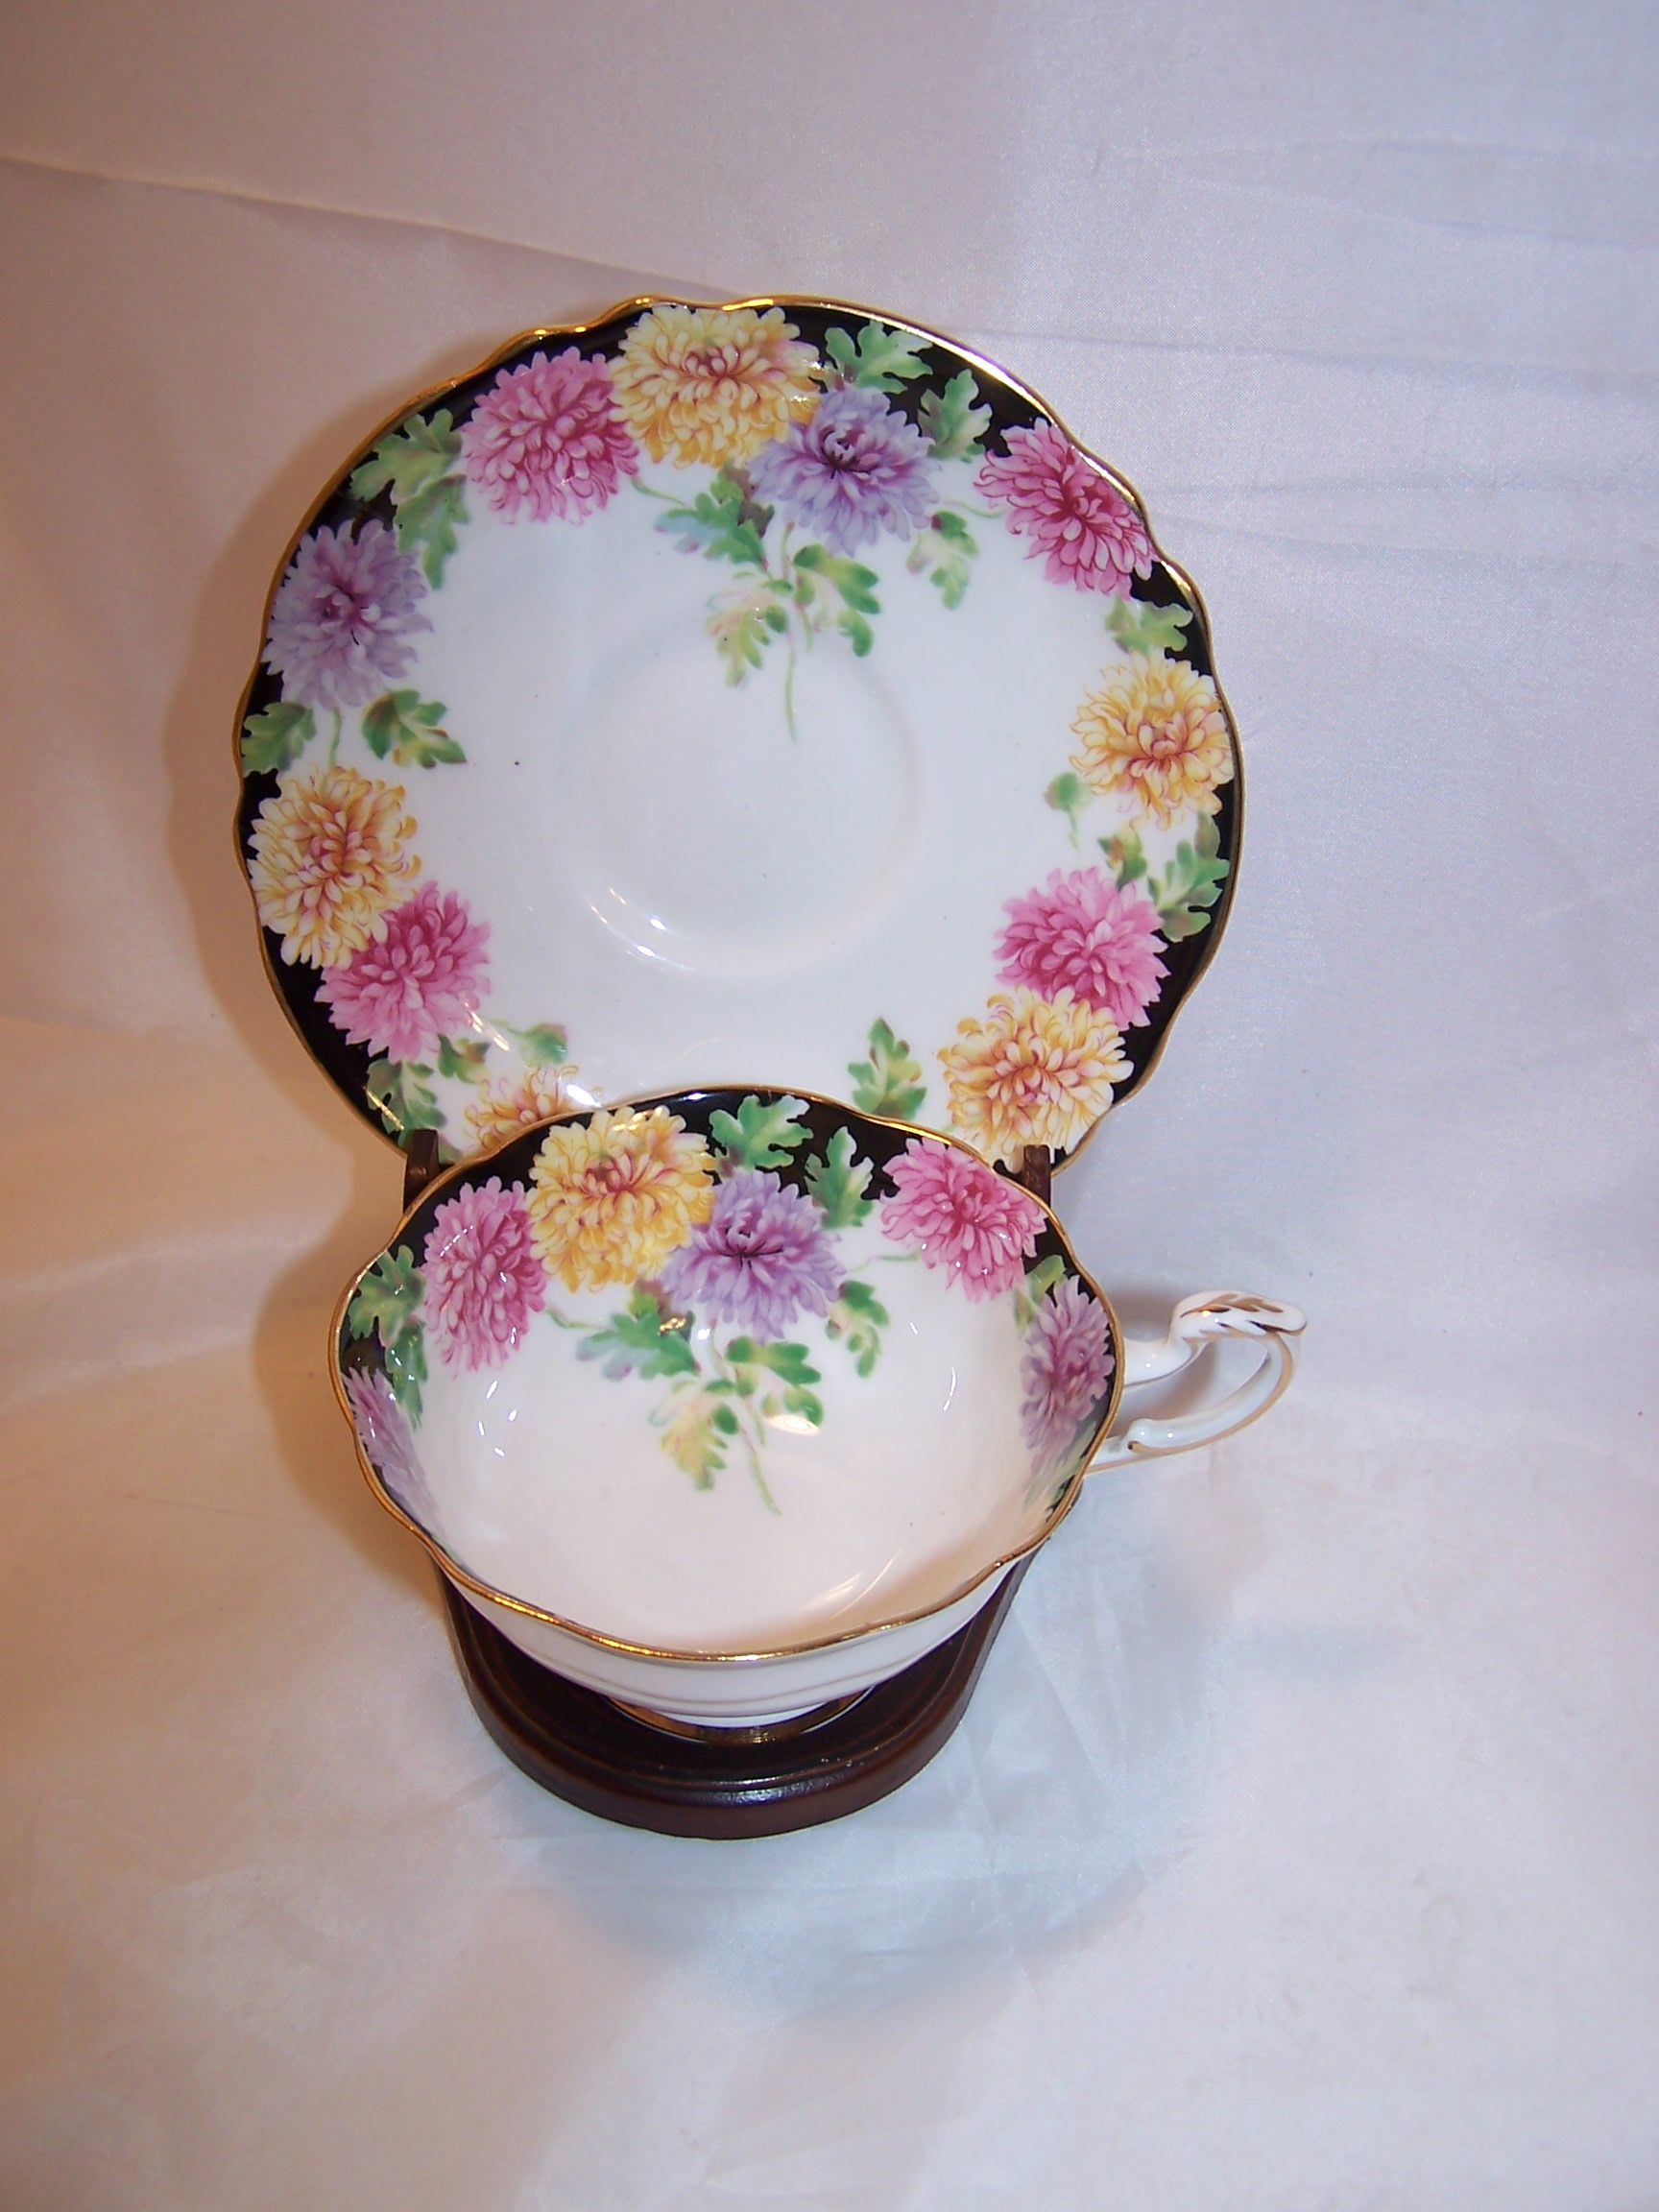 Teacup, Saucer, Paragon Mums Pattern, England